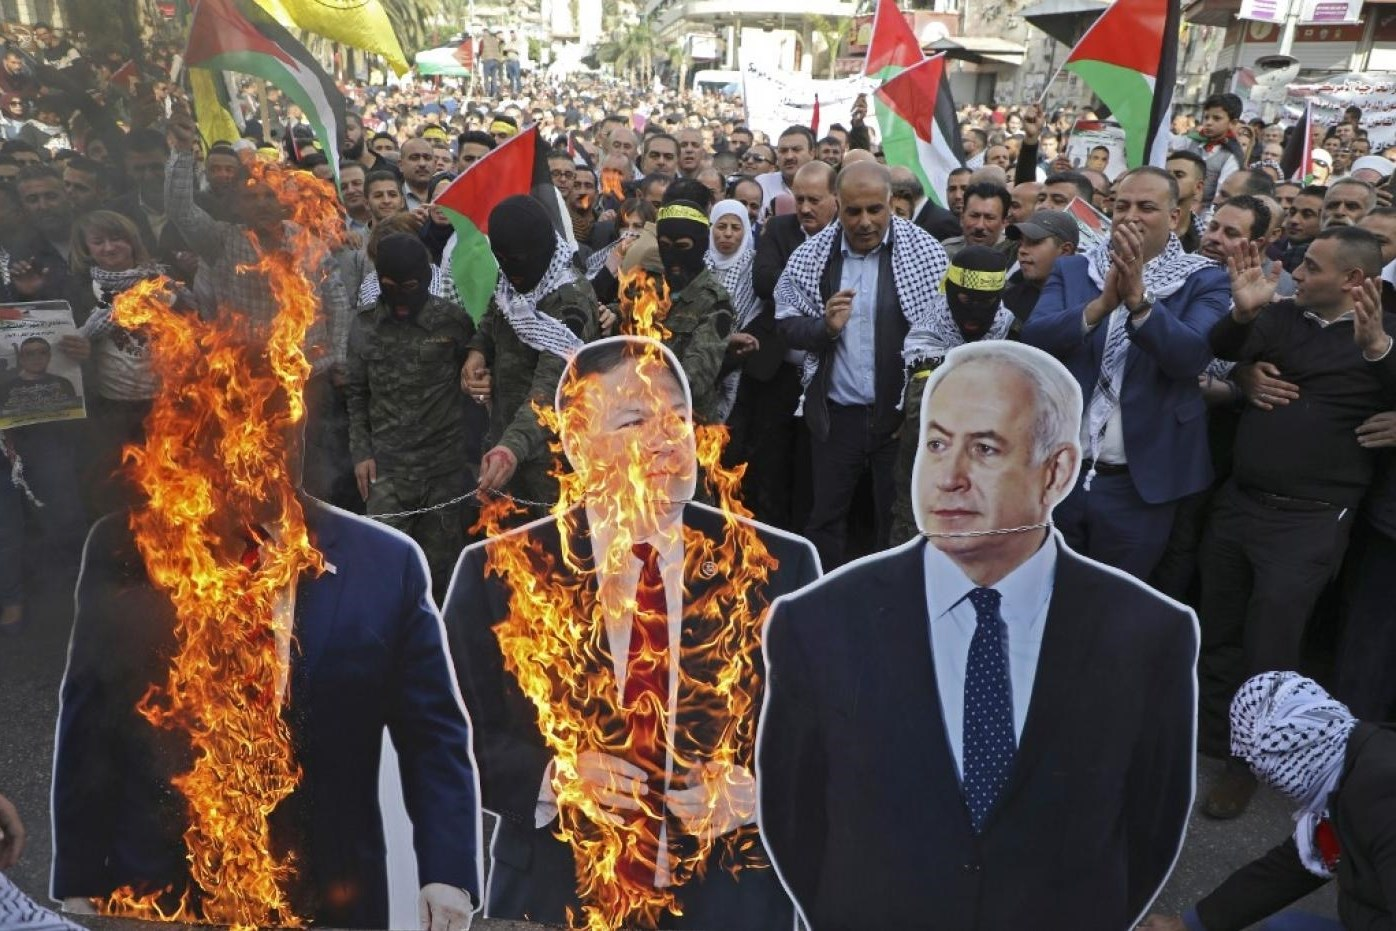 """شيء لم نره بعد لكنه قادم.. مخاوف """"إسرائيل"""" لا تسعفها """"صفقة القرن"""""""